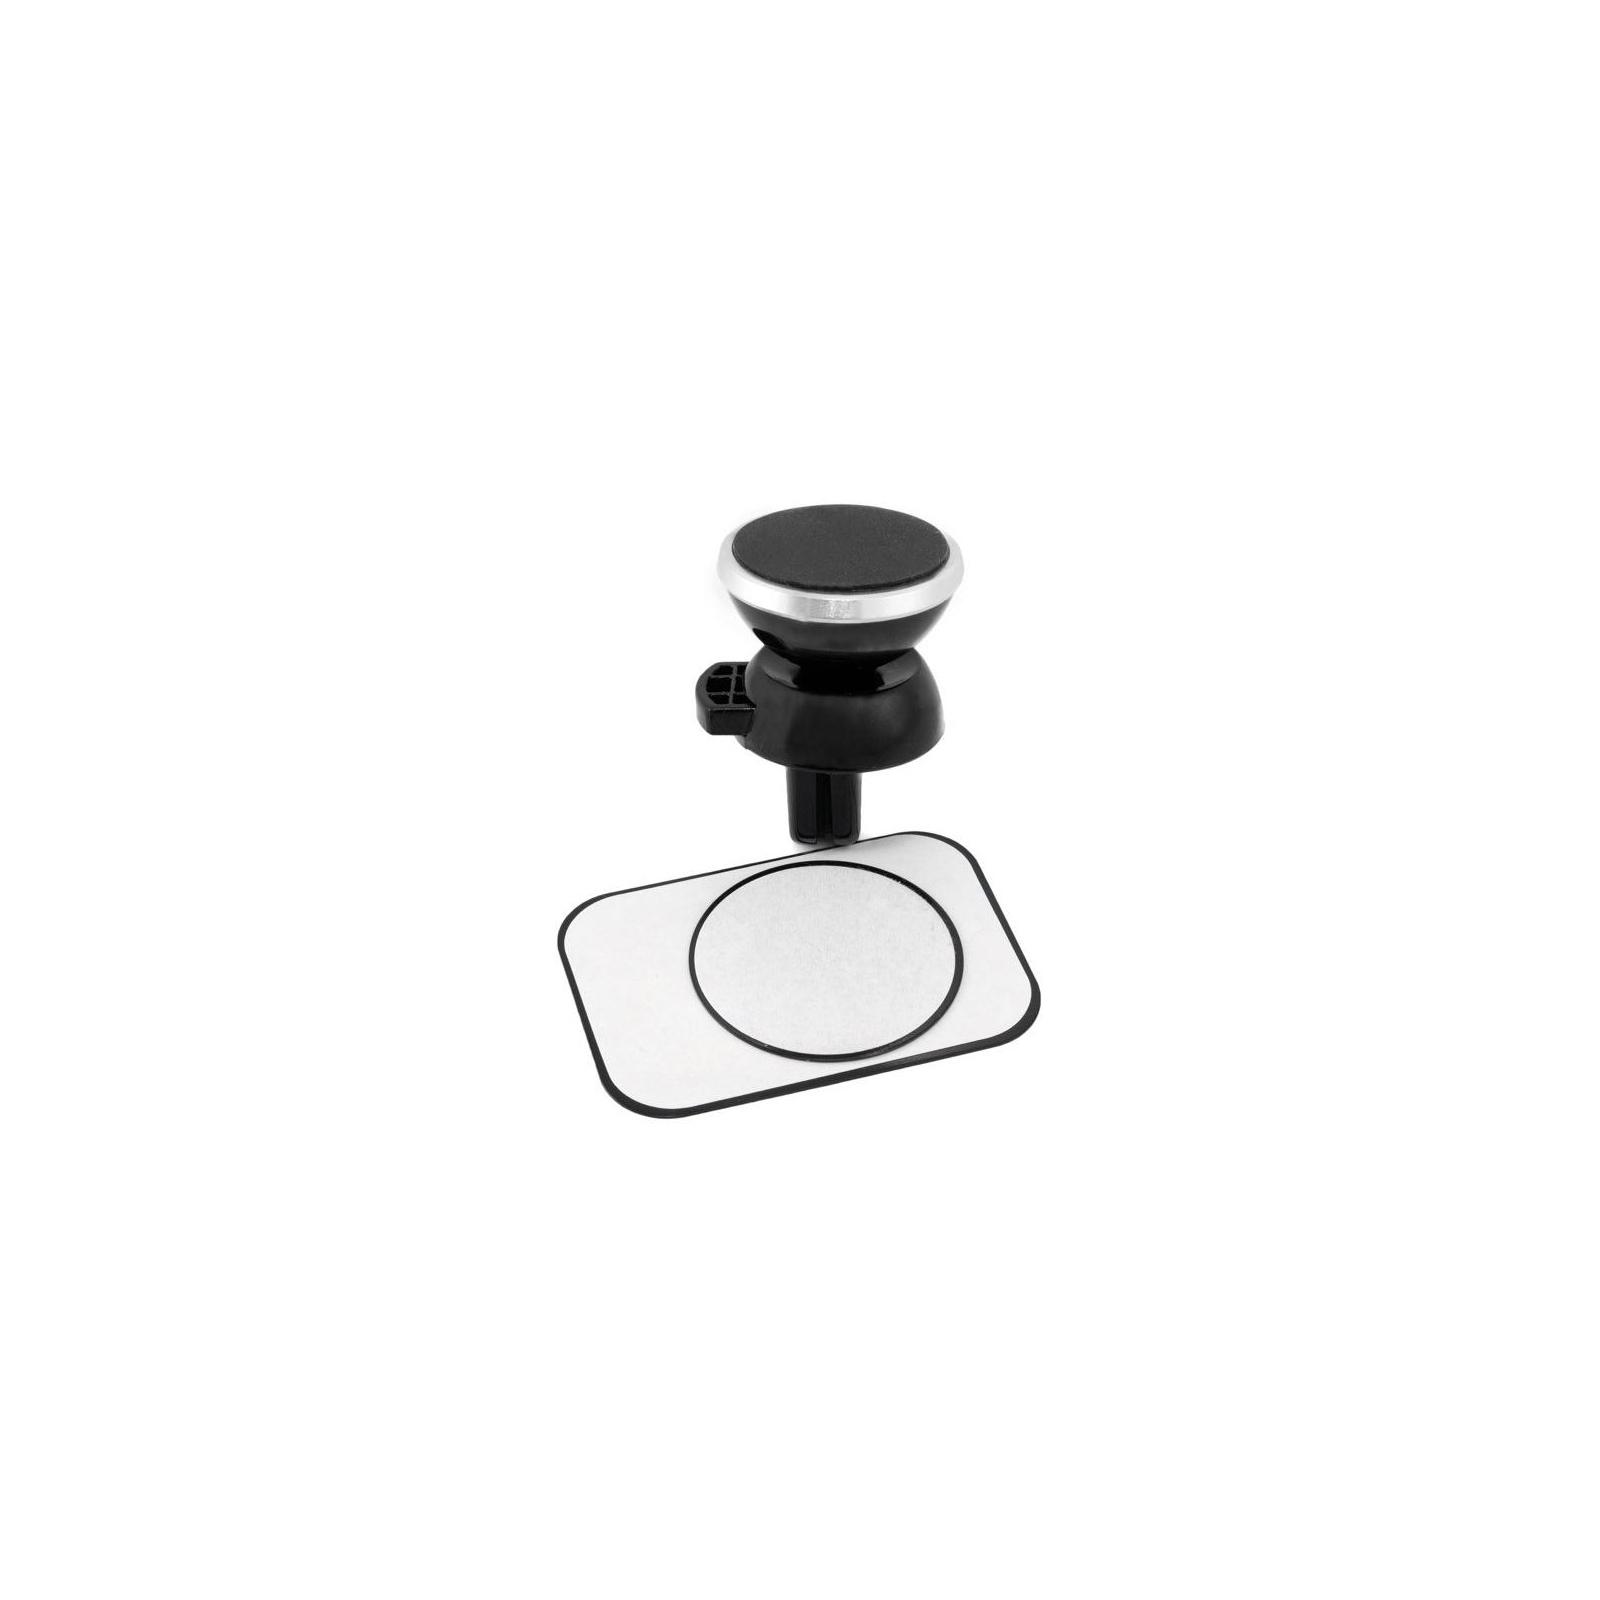 Универсальный автодержатель Extradigital Magnetic Holder Black/Silver (CRM4114) изображение 5